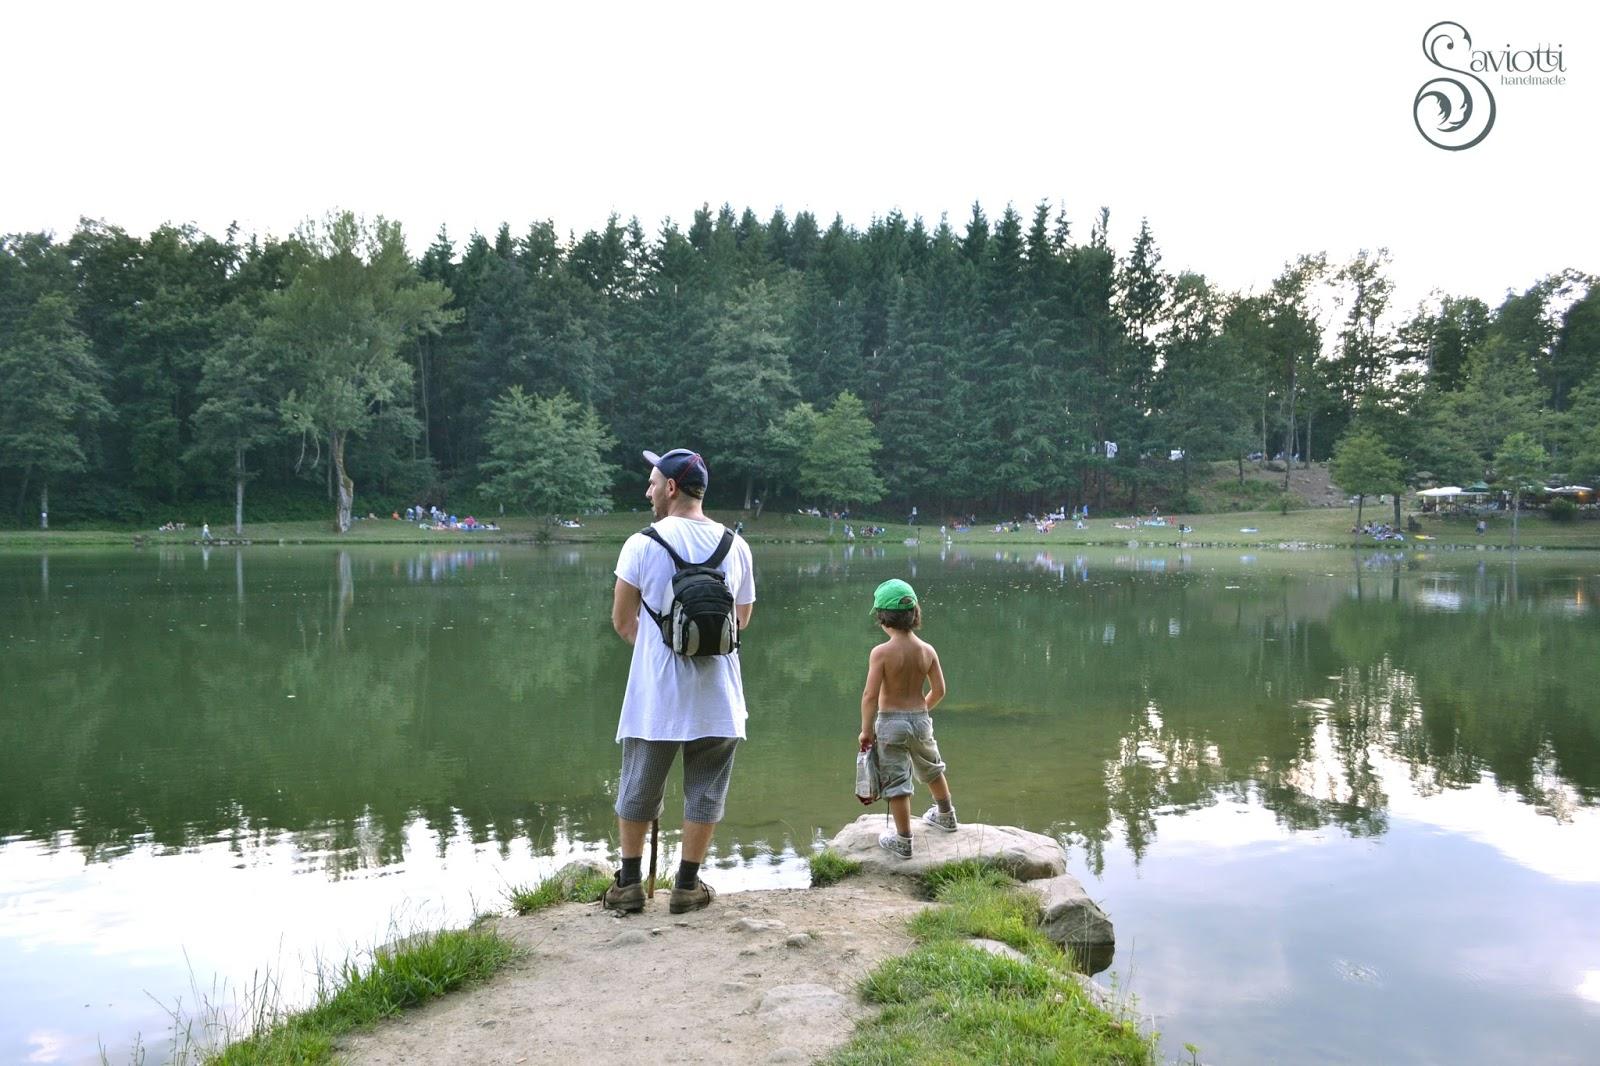 Saviotti handmade bagno di romagna itinerari per bambini - Parco laghi bagno di romagna ...